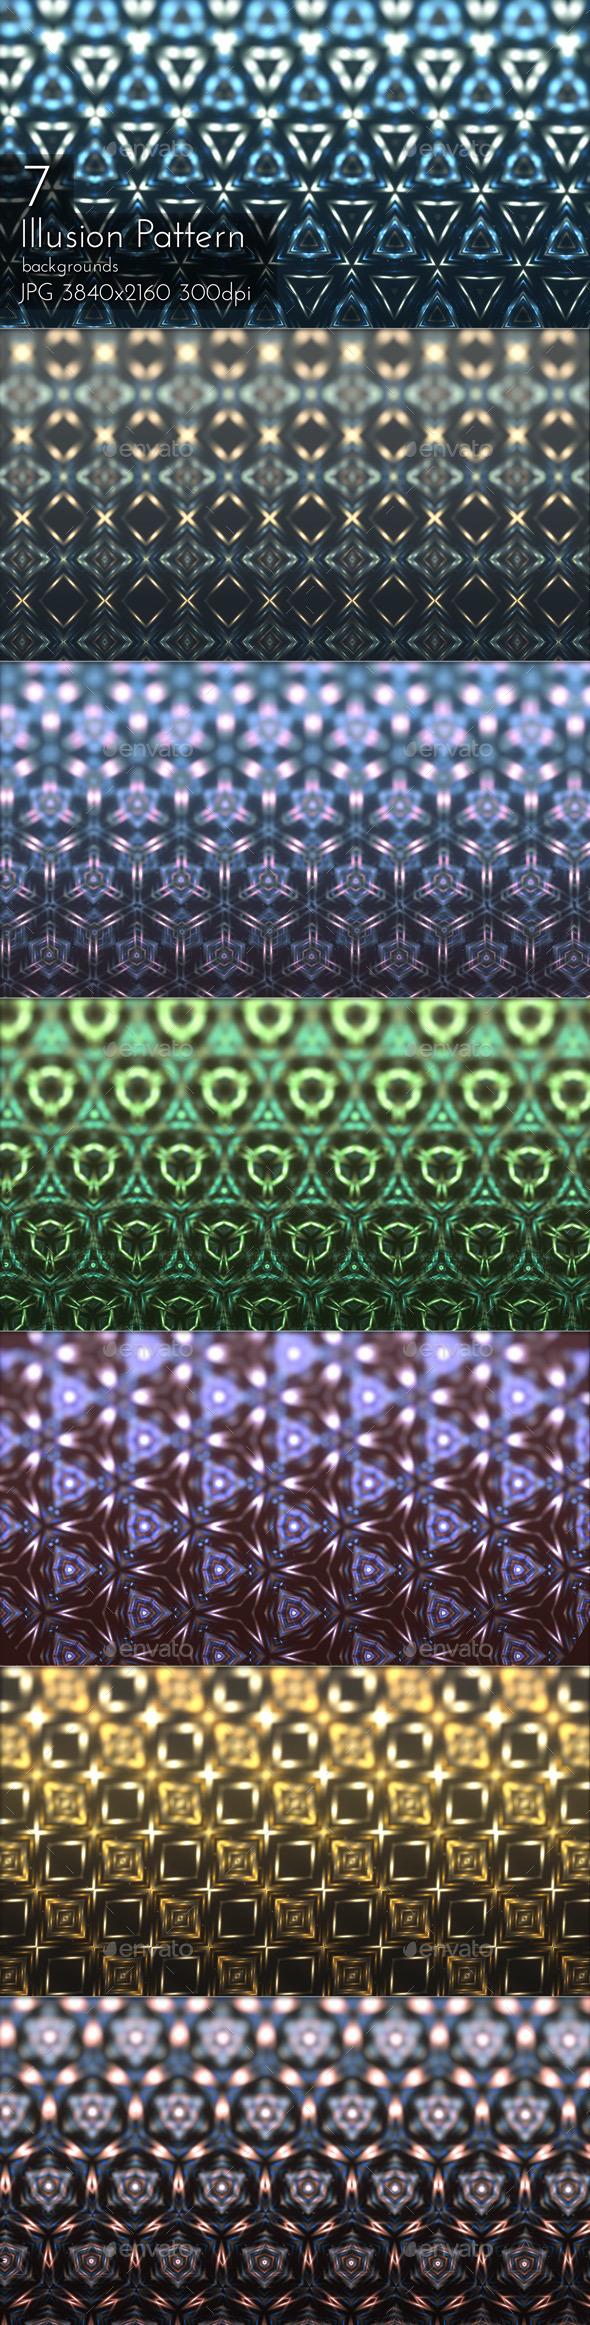 Illusion Glowing Pattern - Patterns Backgrounds